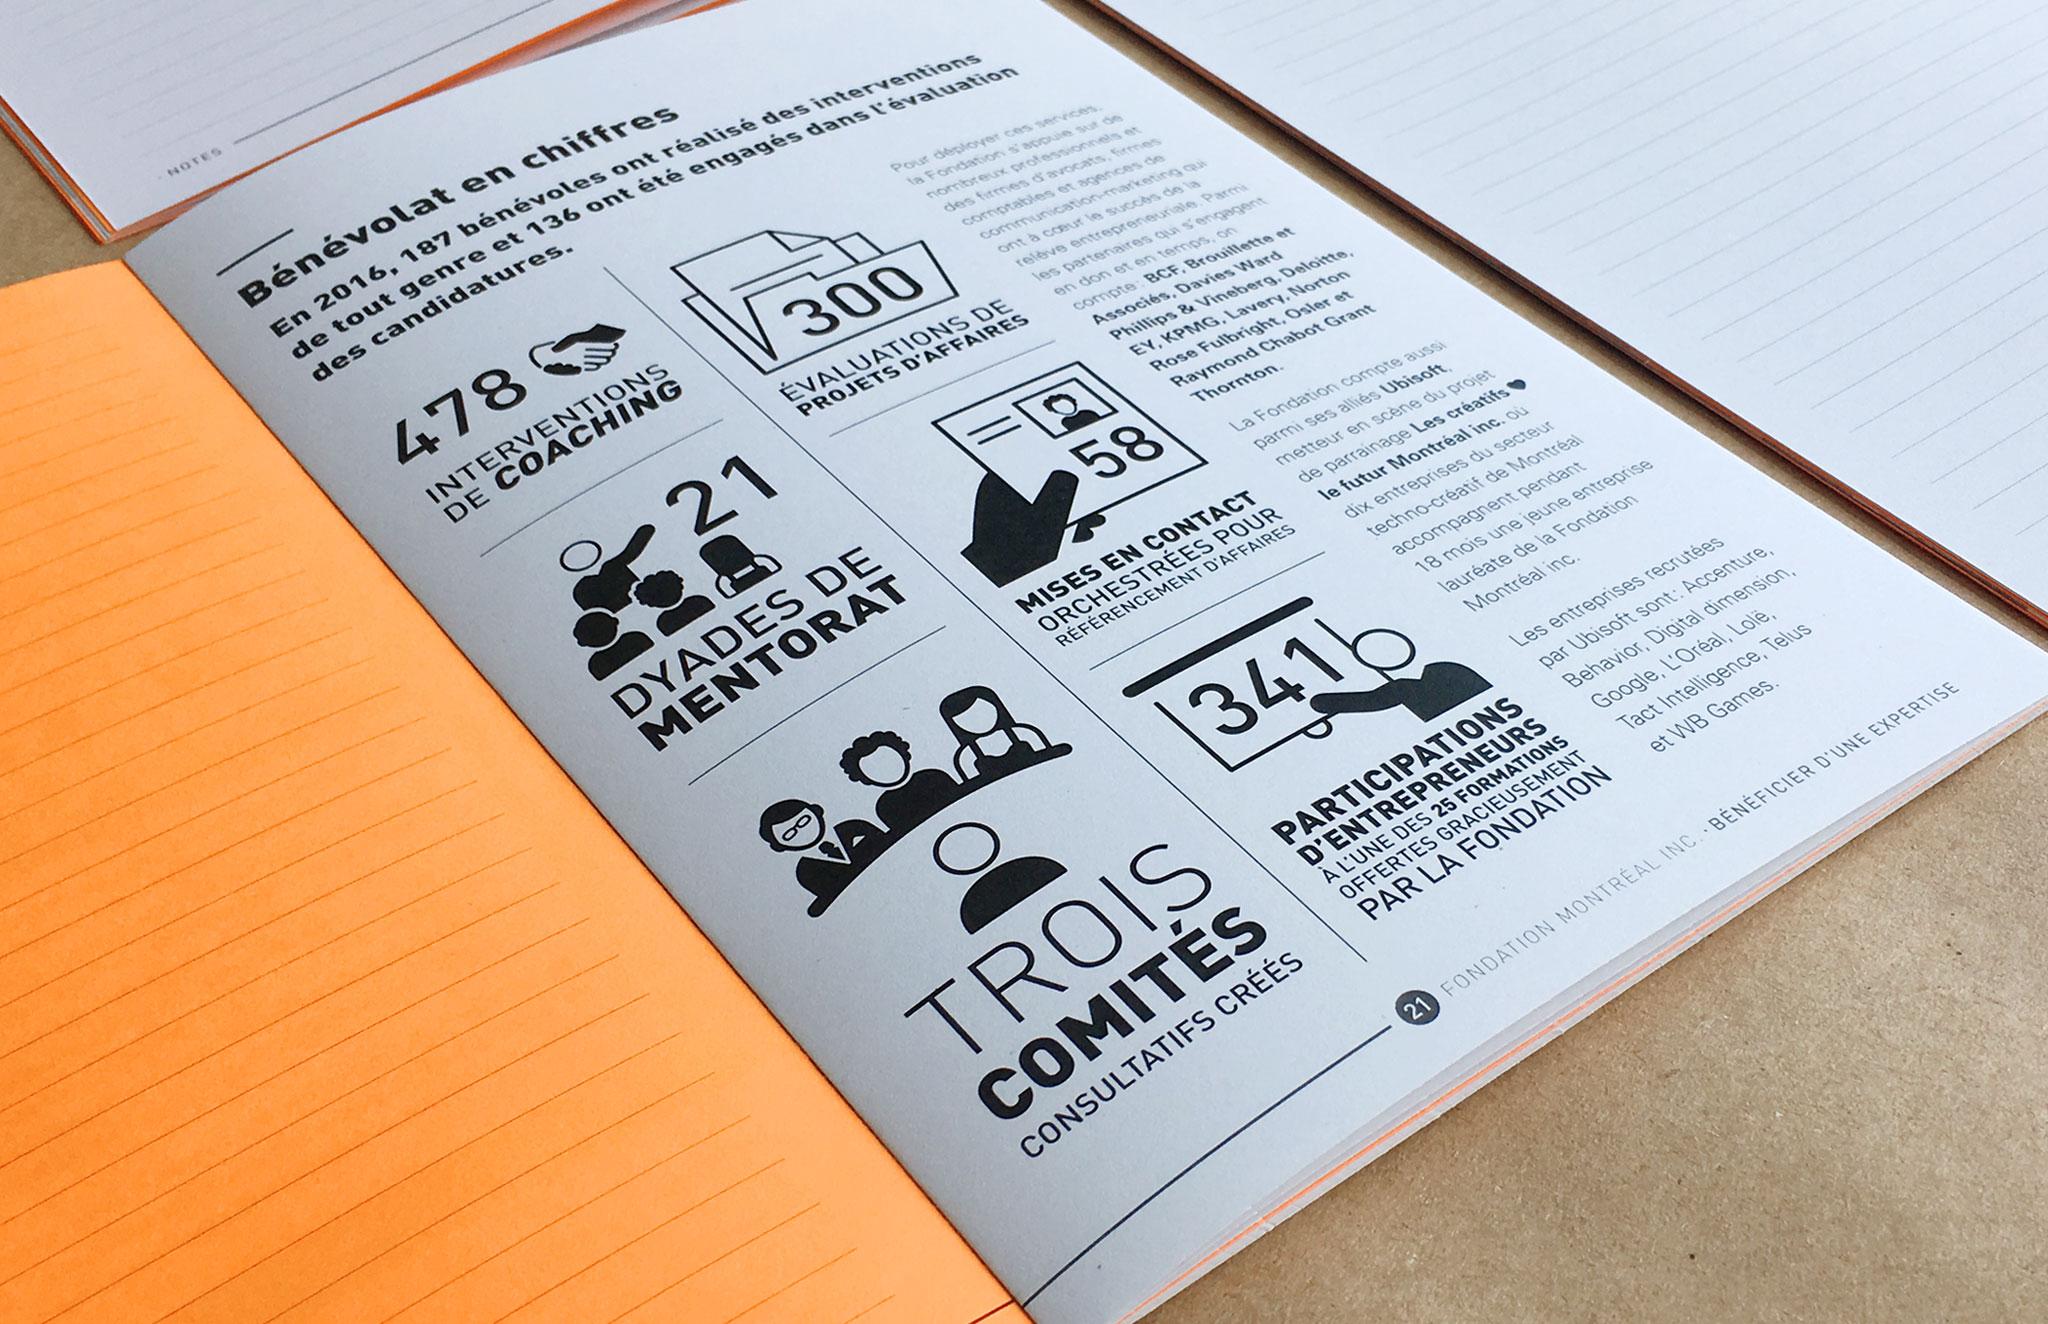 Rapport d'activités 2016 de la Fondation Montréal inc.